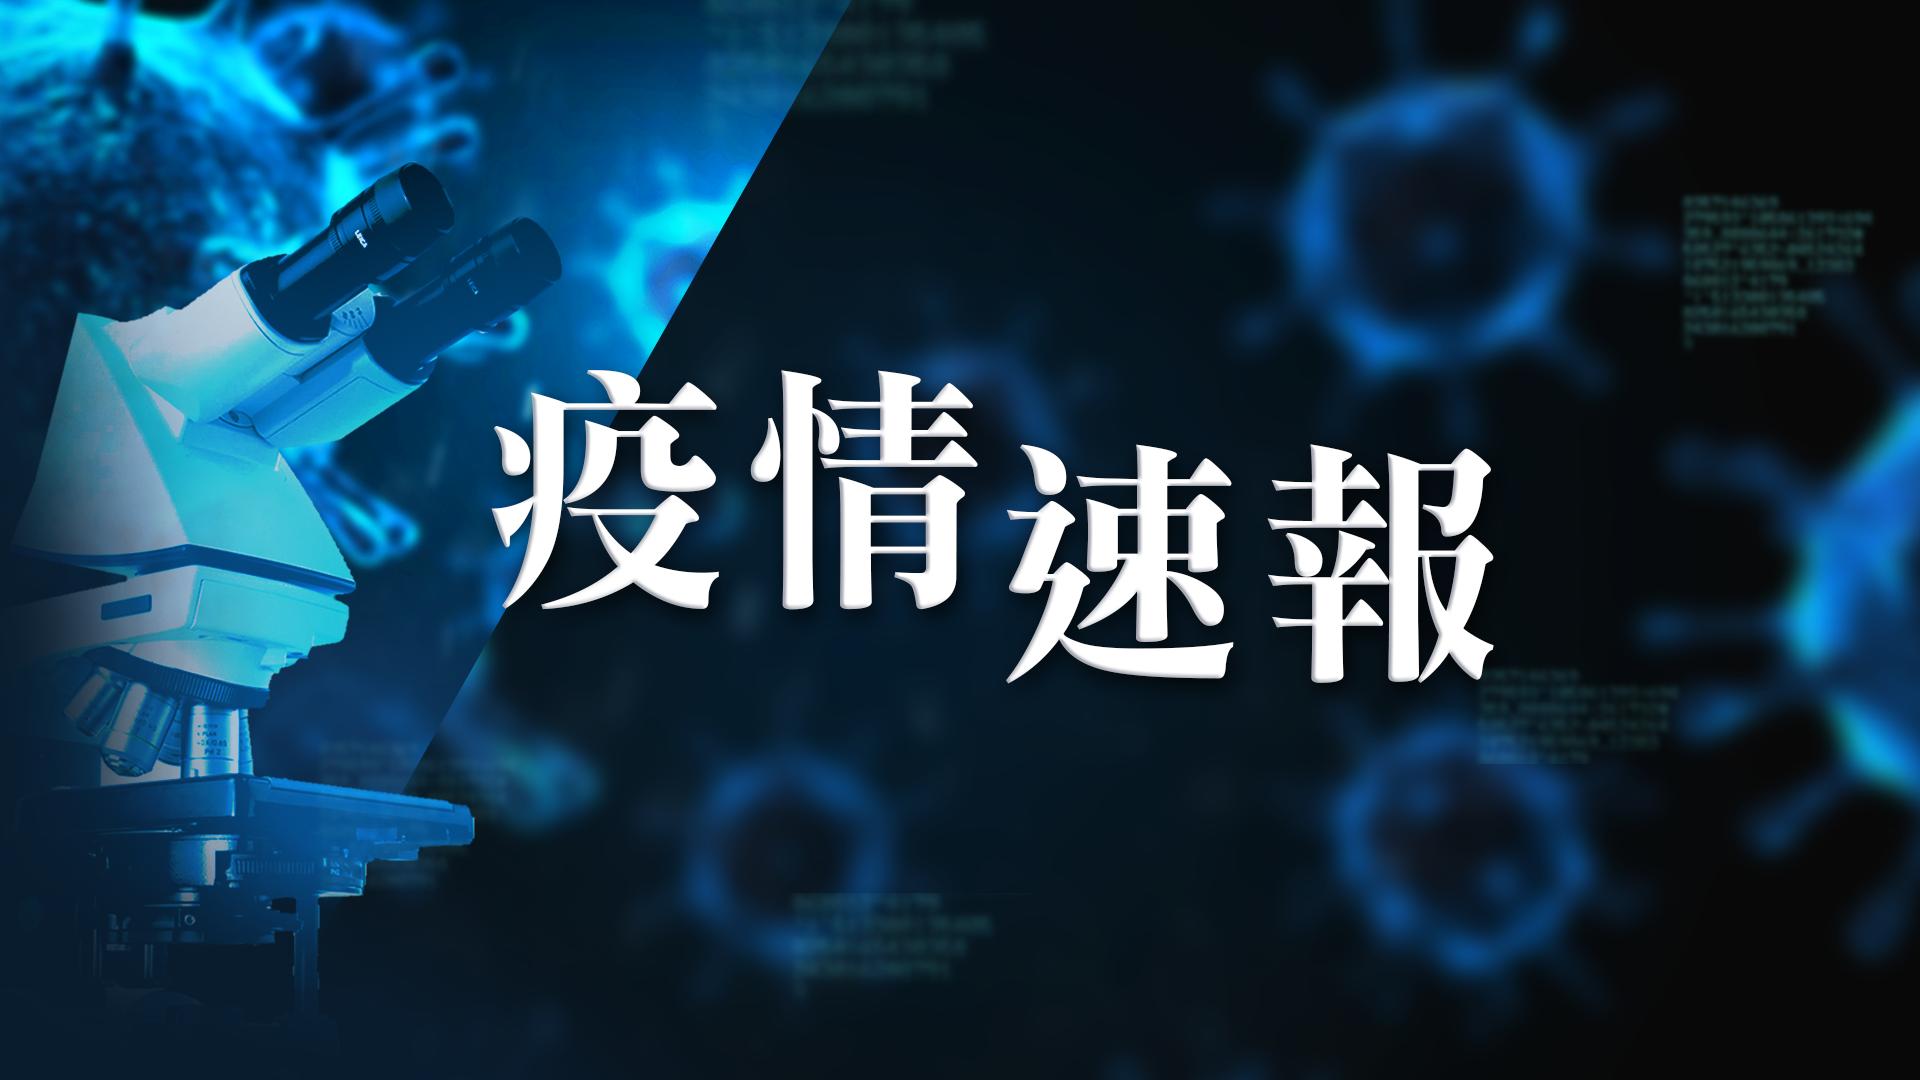 【7月9日疫情速報】(16:50)